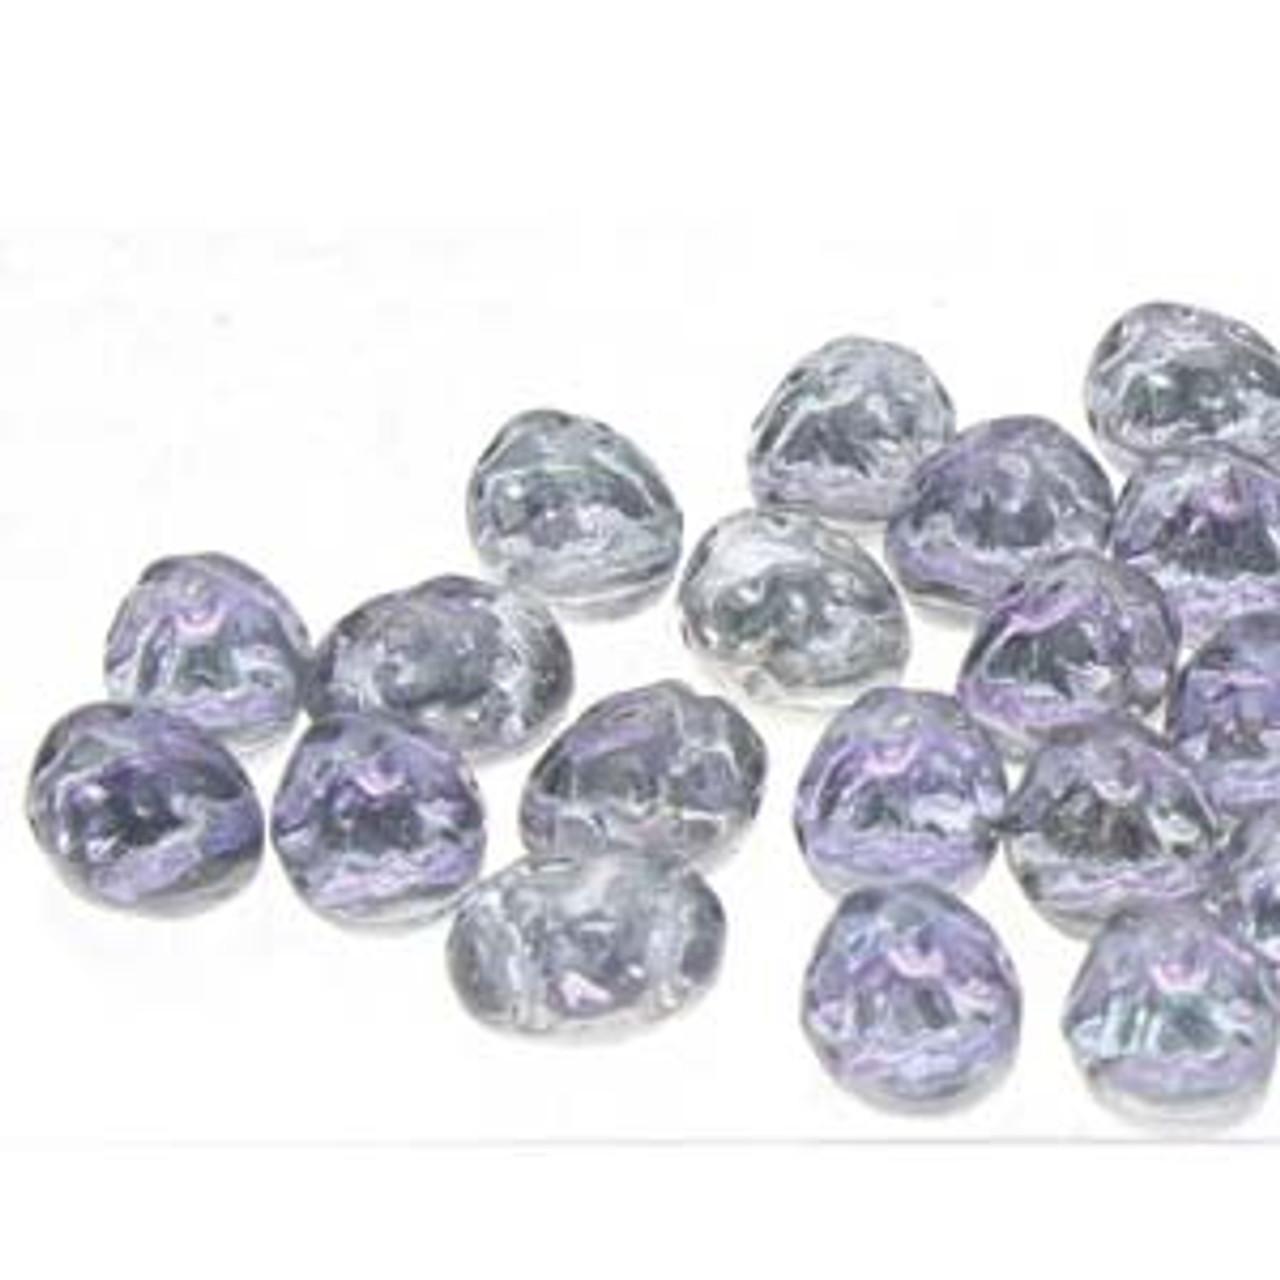 8x6mm Backlit Violet Ic Baroque 2HL Cabochon (20pk)